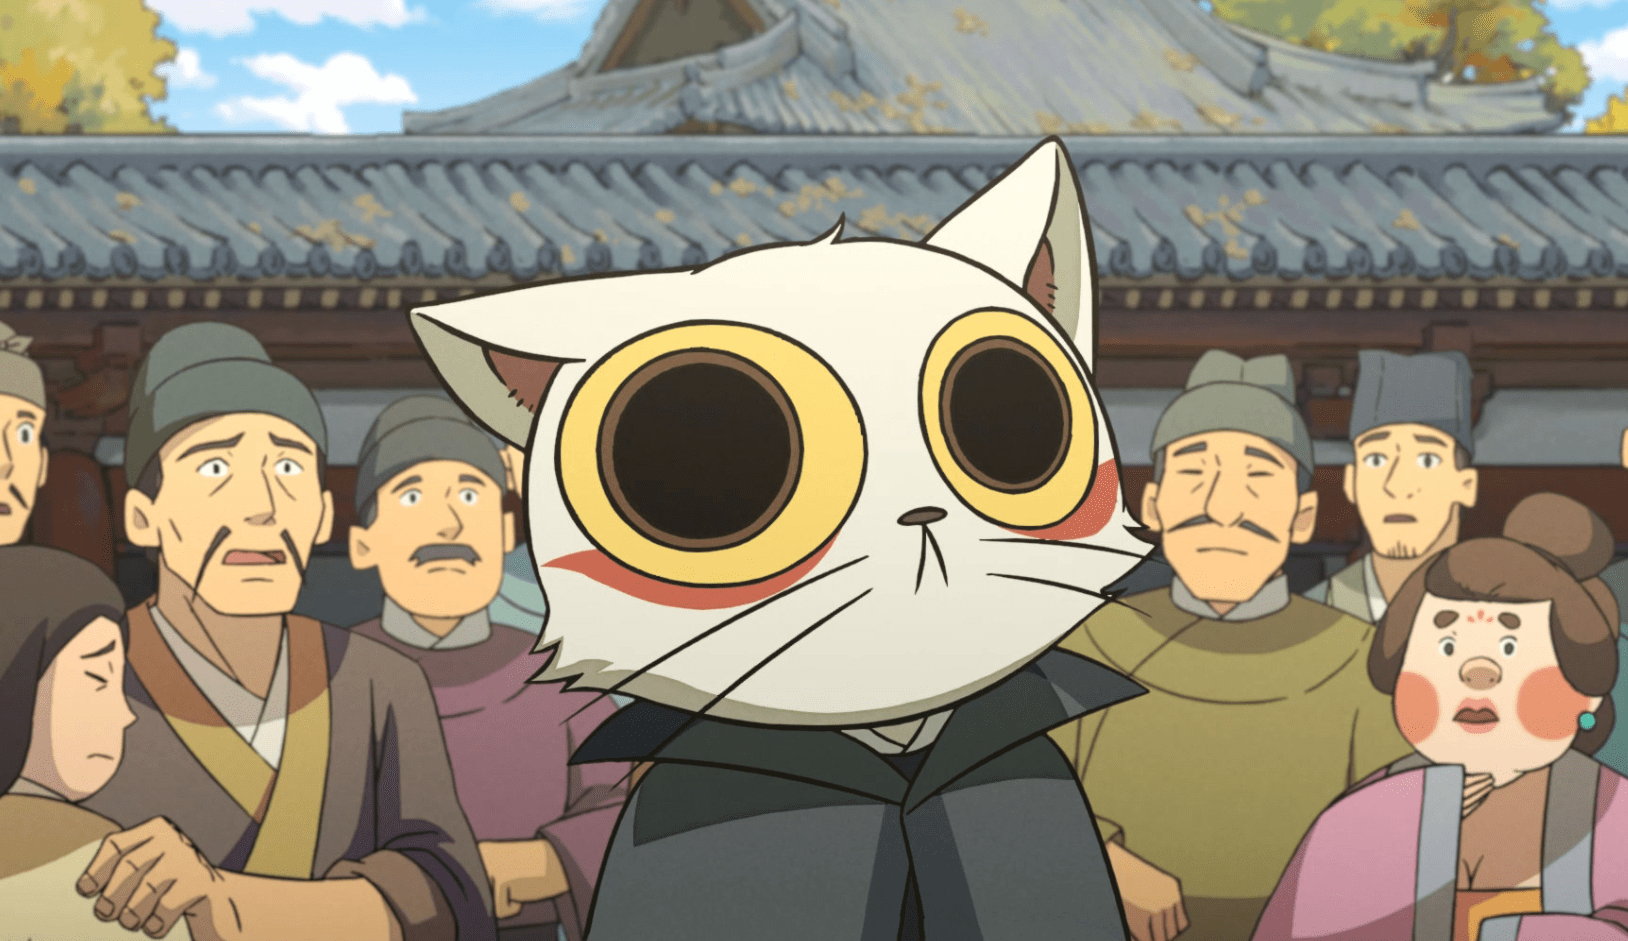 《大理寺日志》启动真人剧走搞笑路线 难道猫猫头没有了吗?